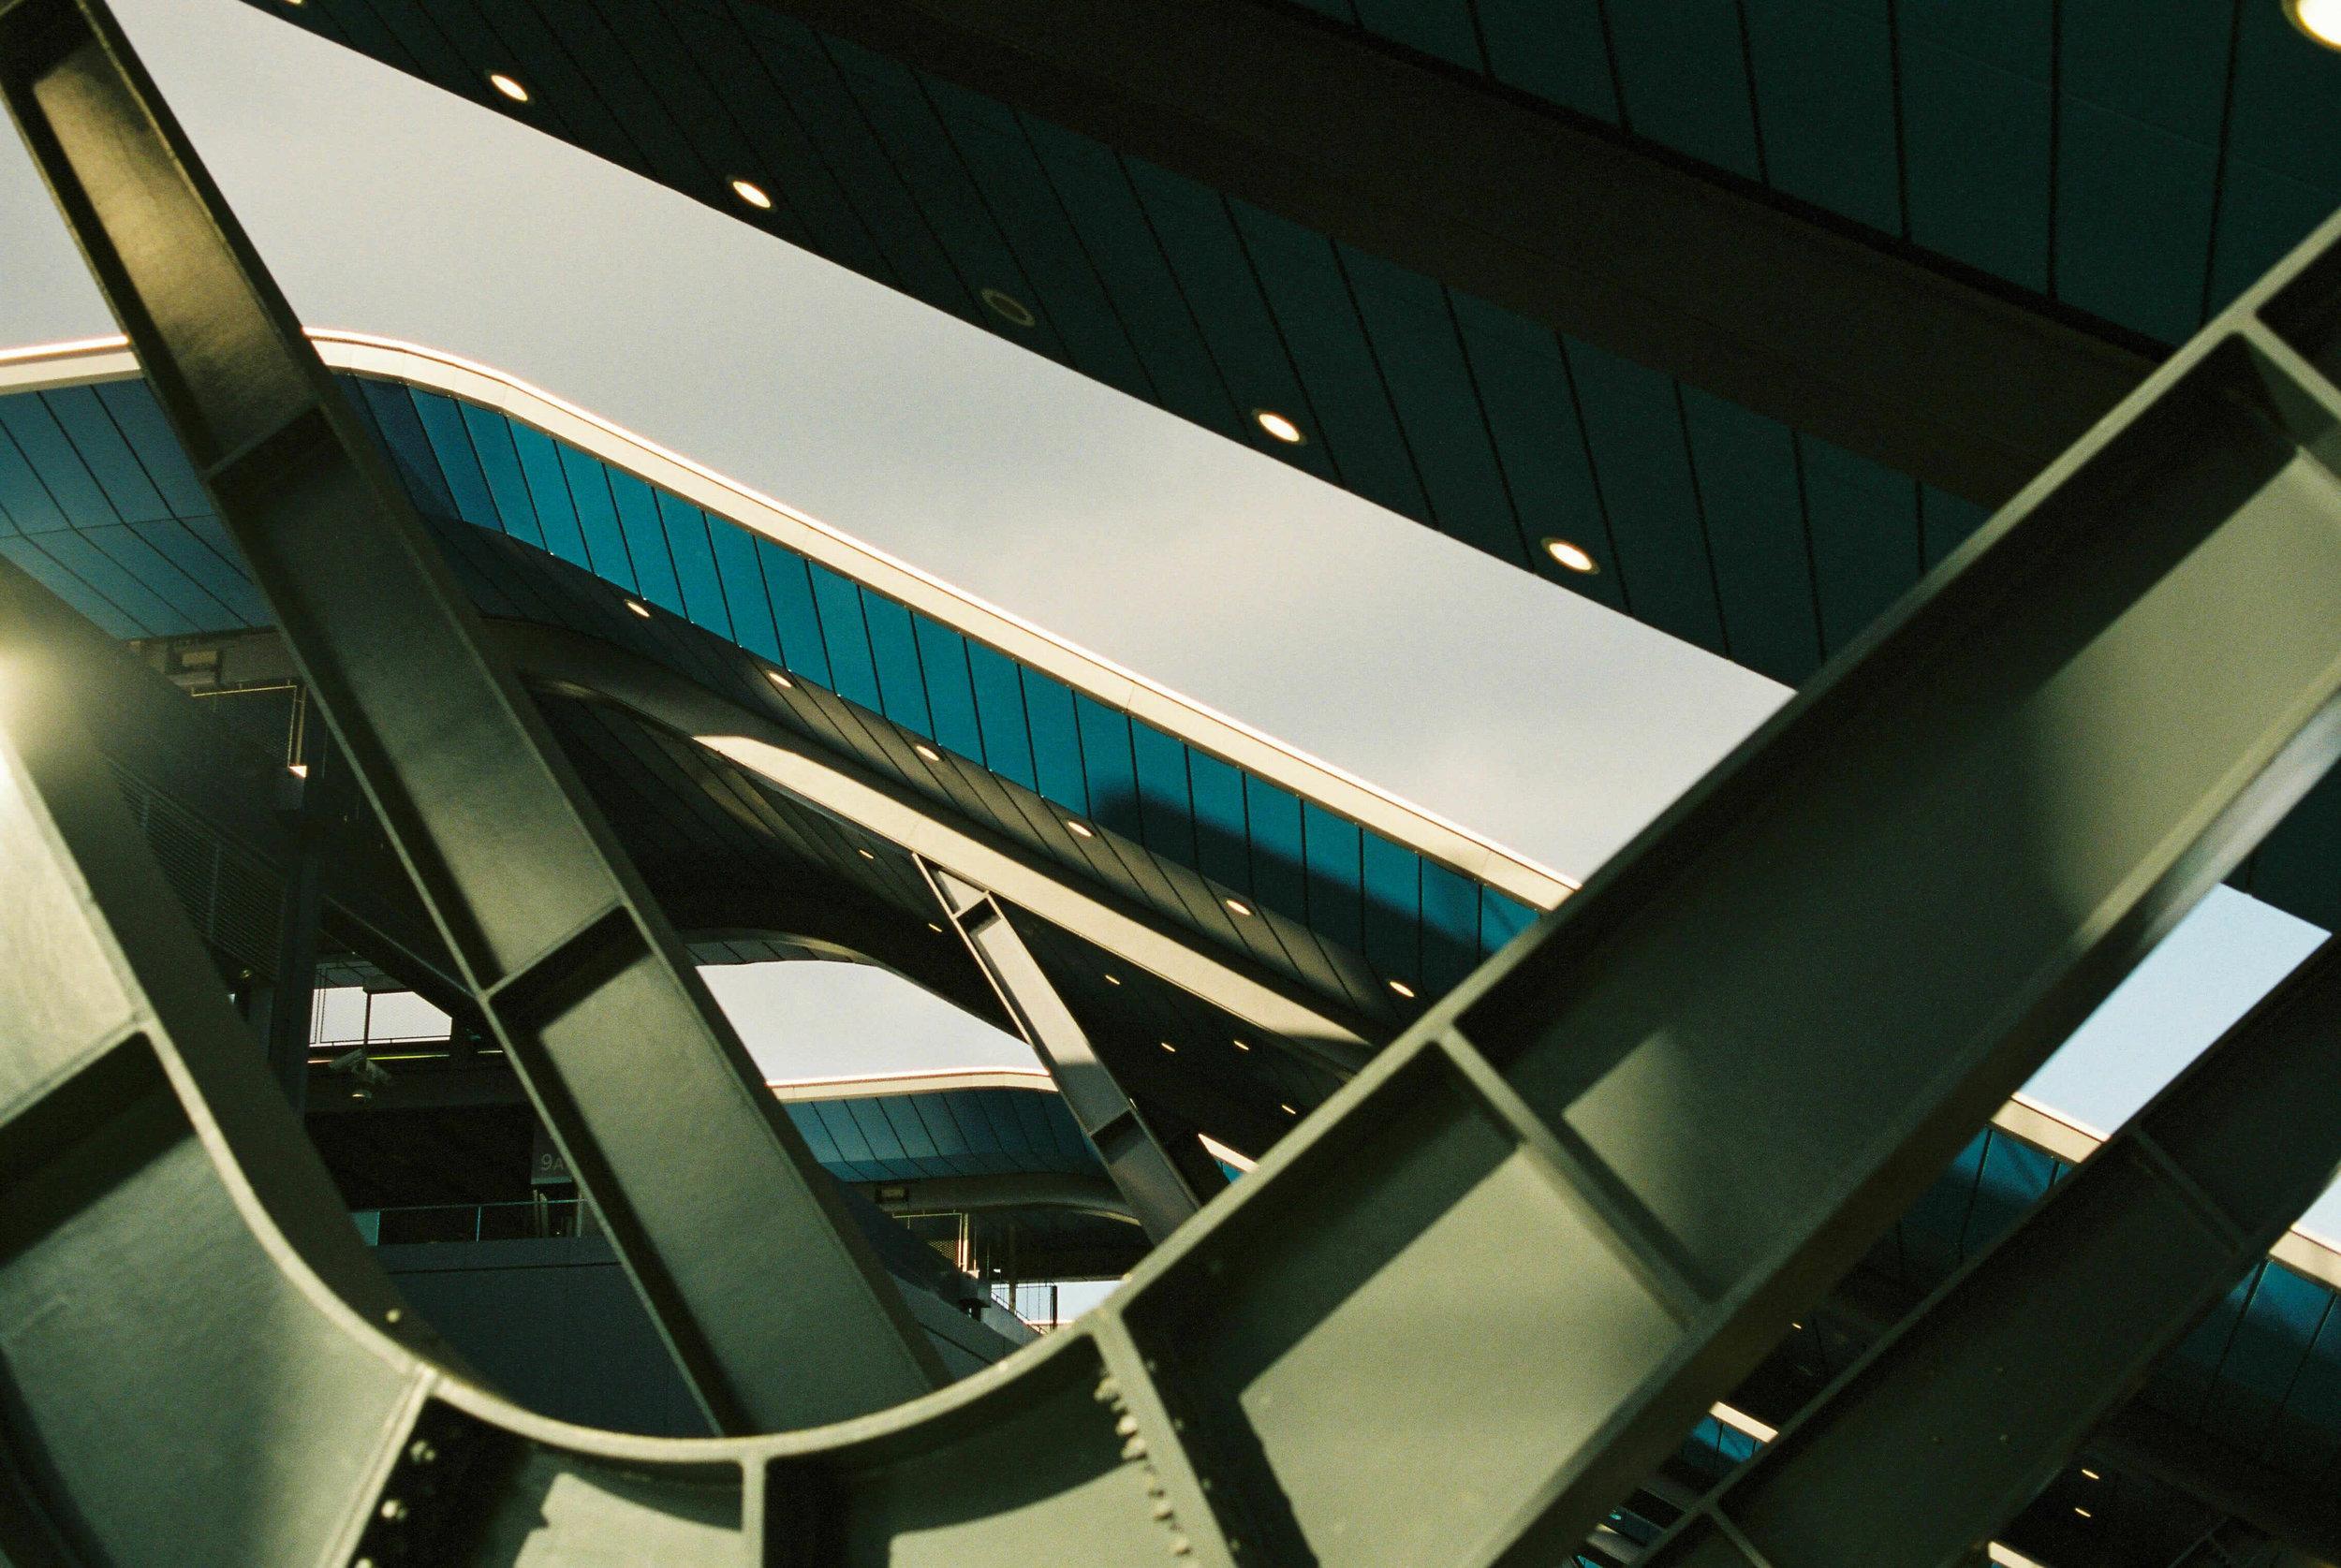 Fujicolor Pro400H Film